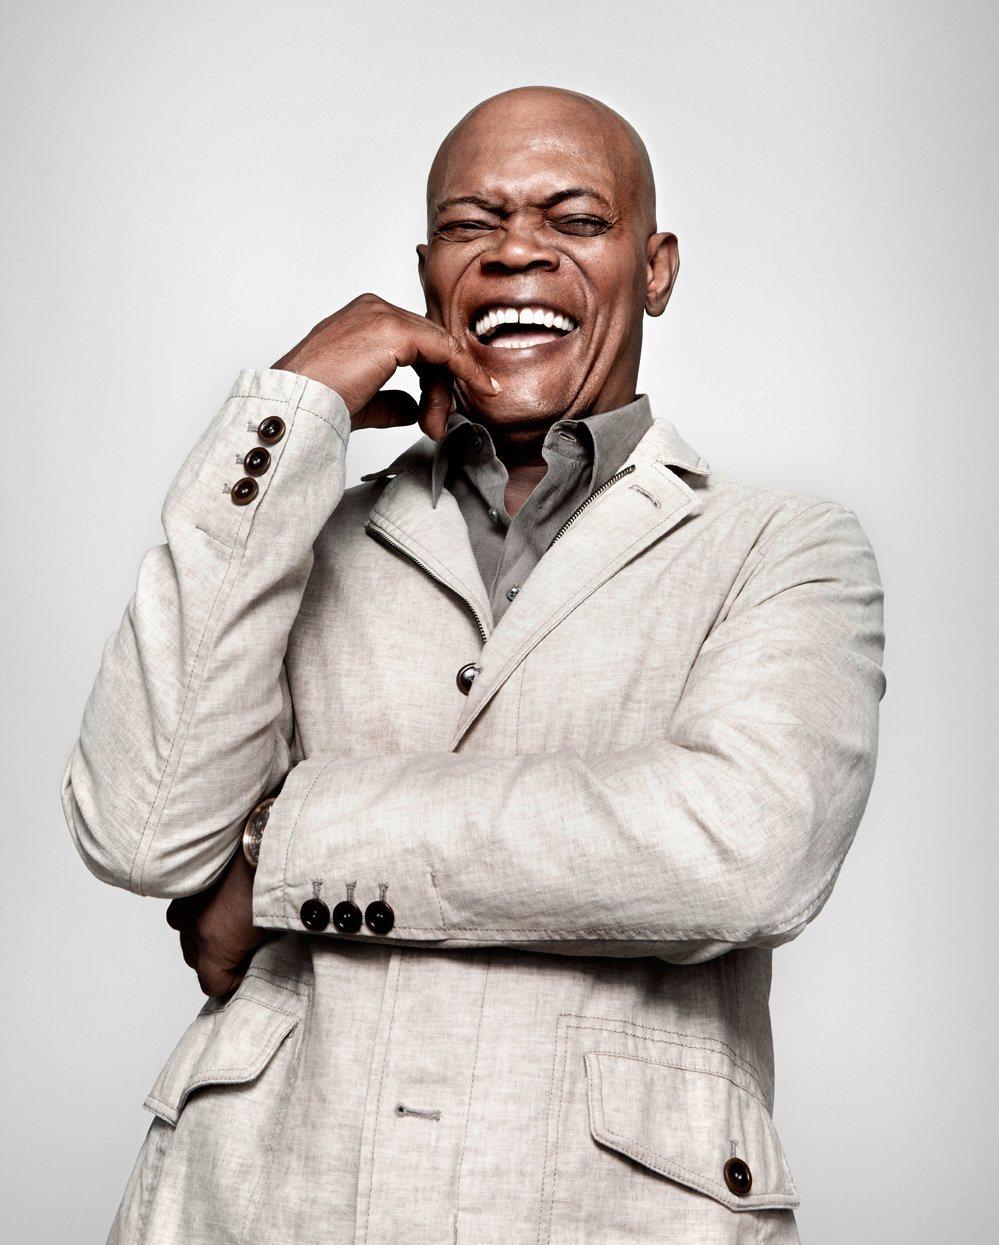 Samuel L. Jackson laughing.